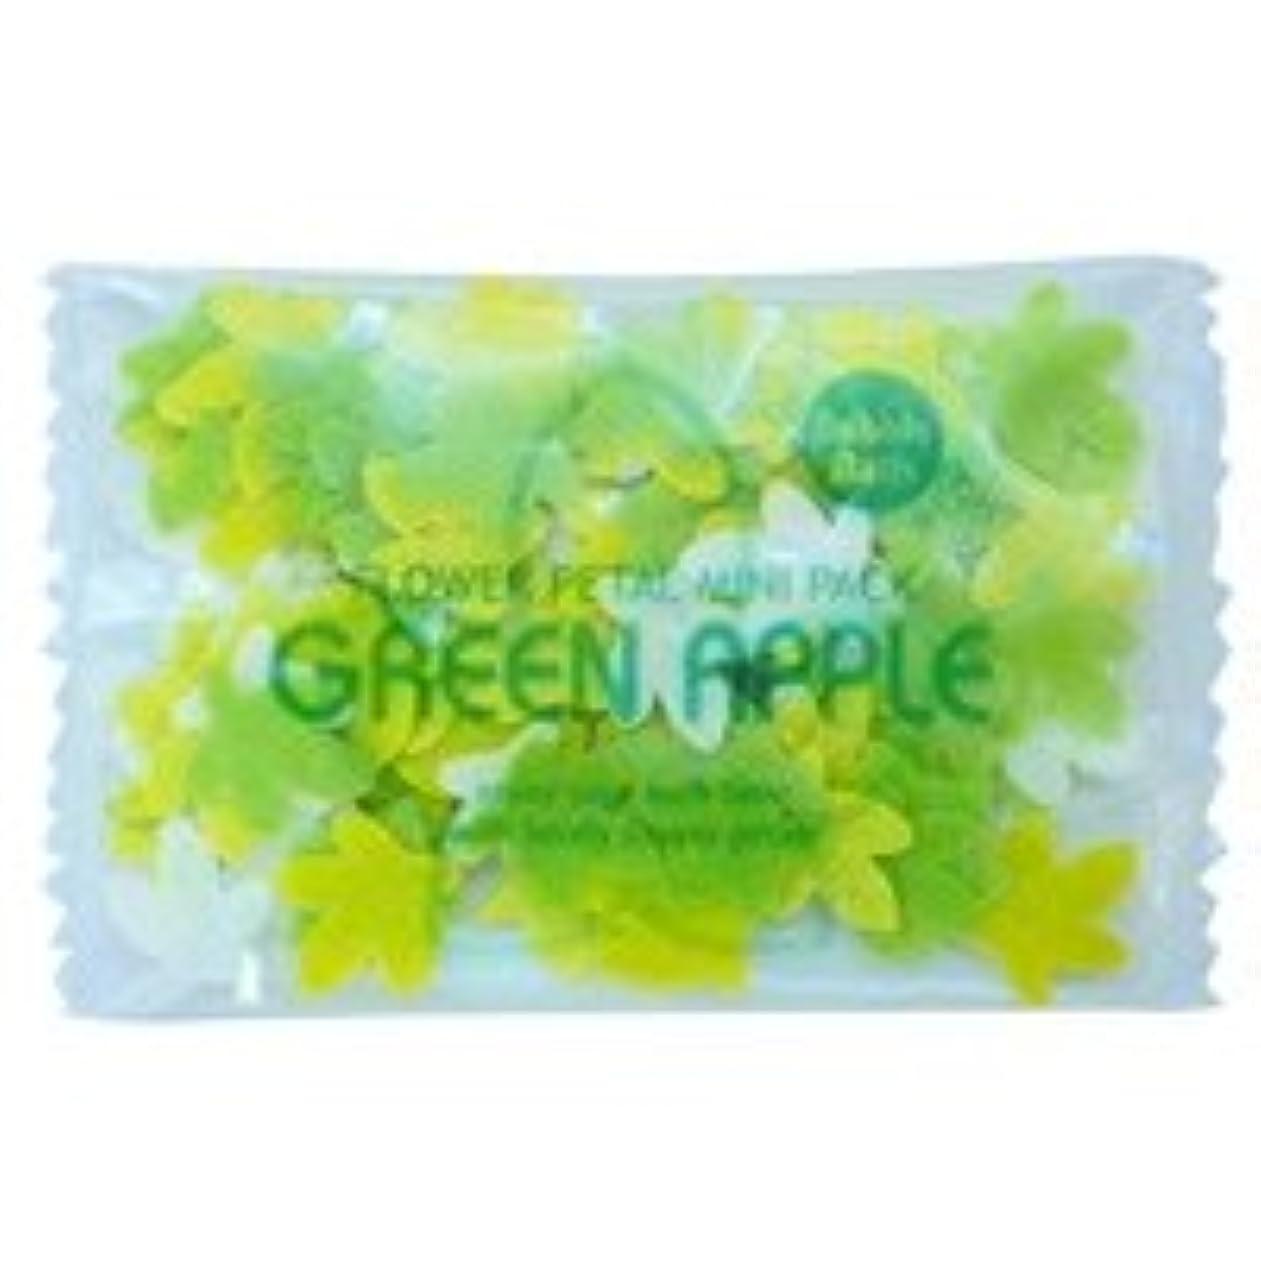 不変オール大胆不敵フラワーペタル バブルバス ミニパック「グリーンアップル」20個セット ストレスから解放されたい日に疲れた心を解きほぐしてくれるフレッシュなグリーンアップルの香り